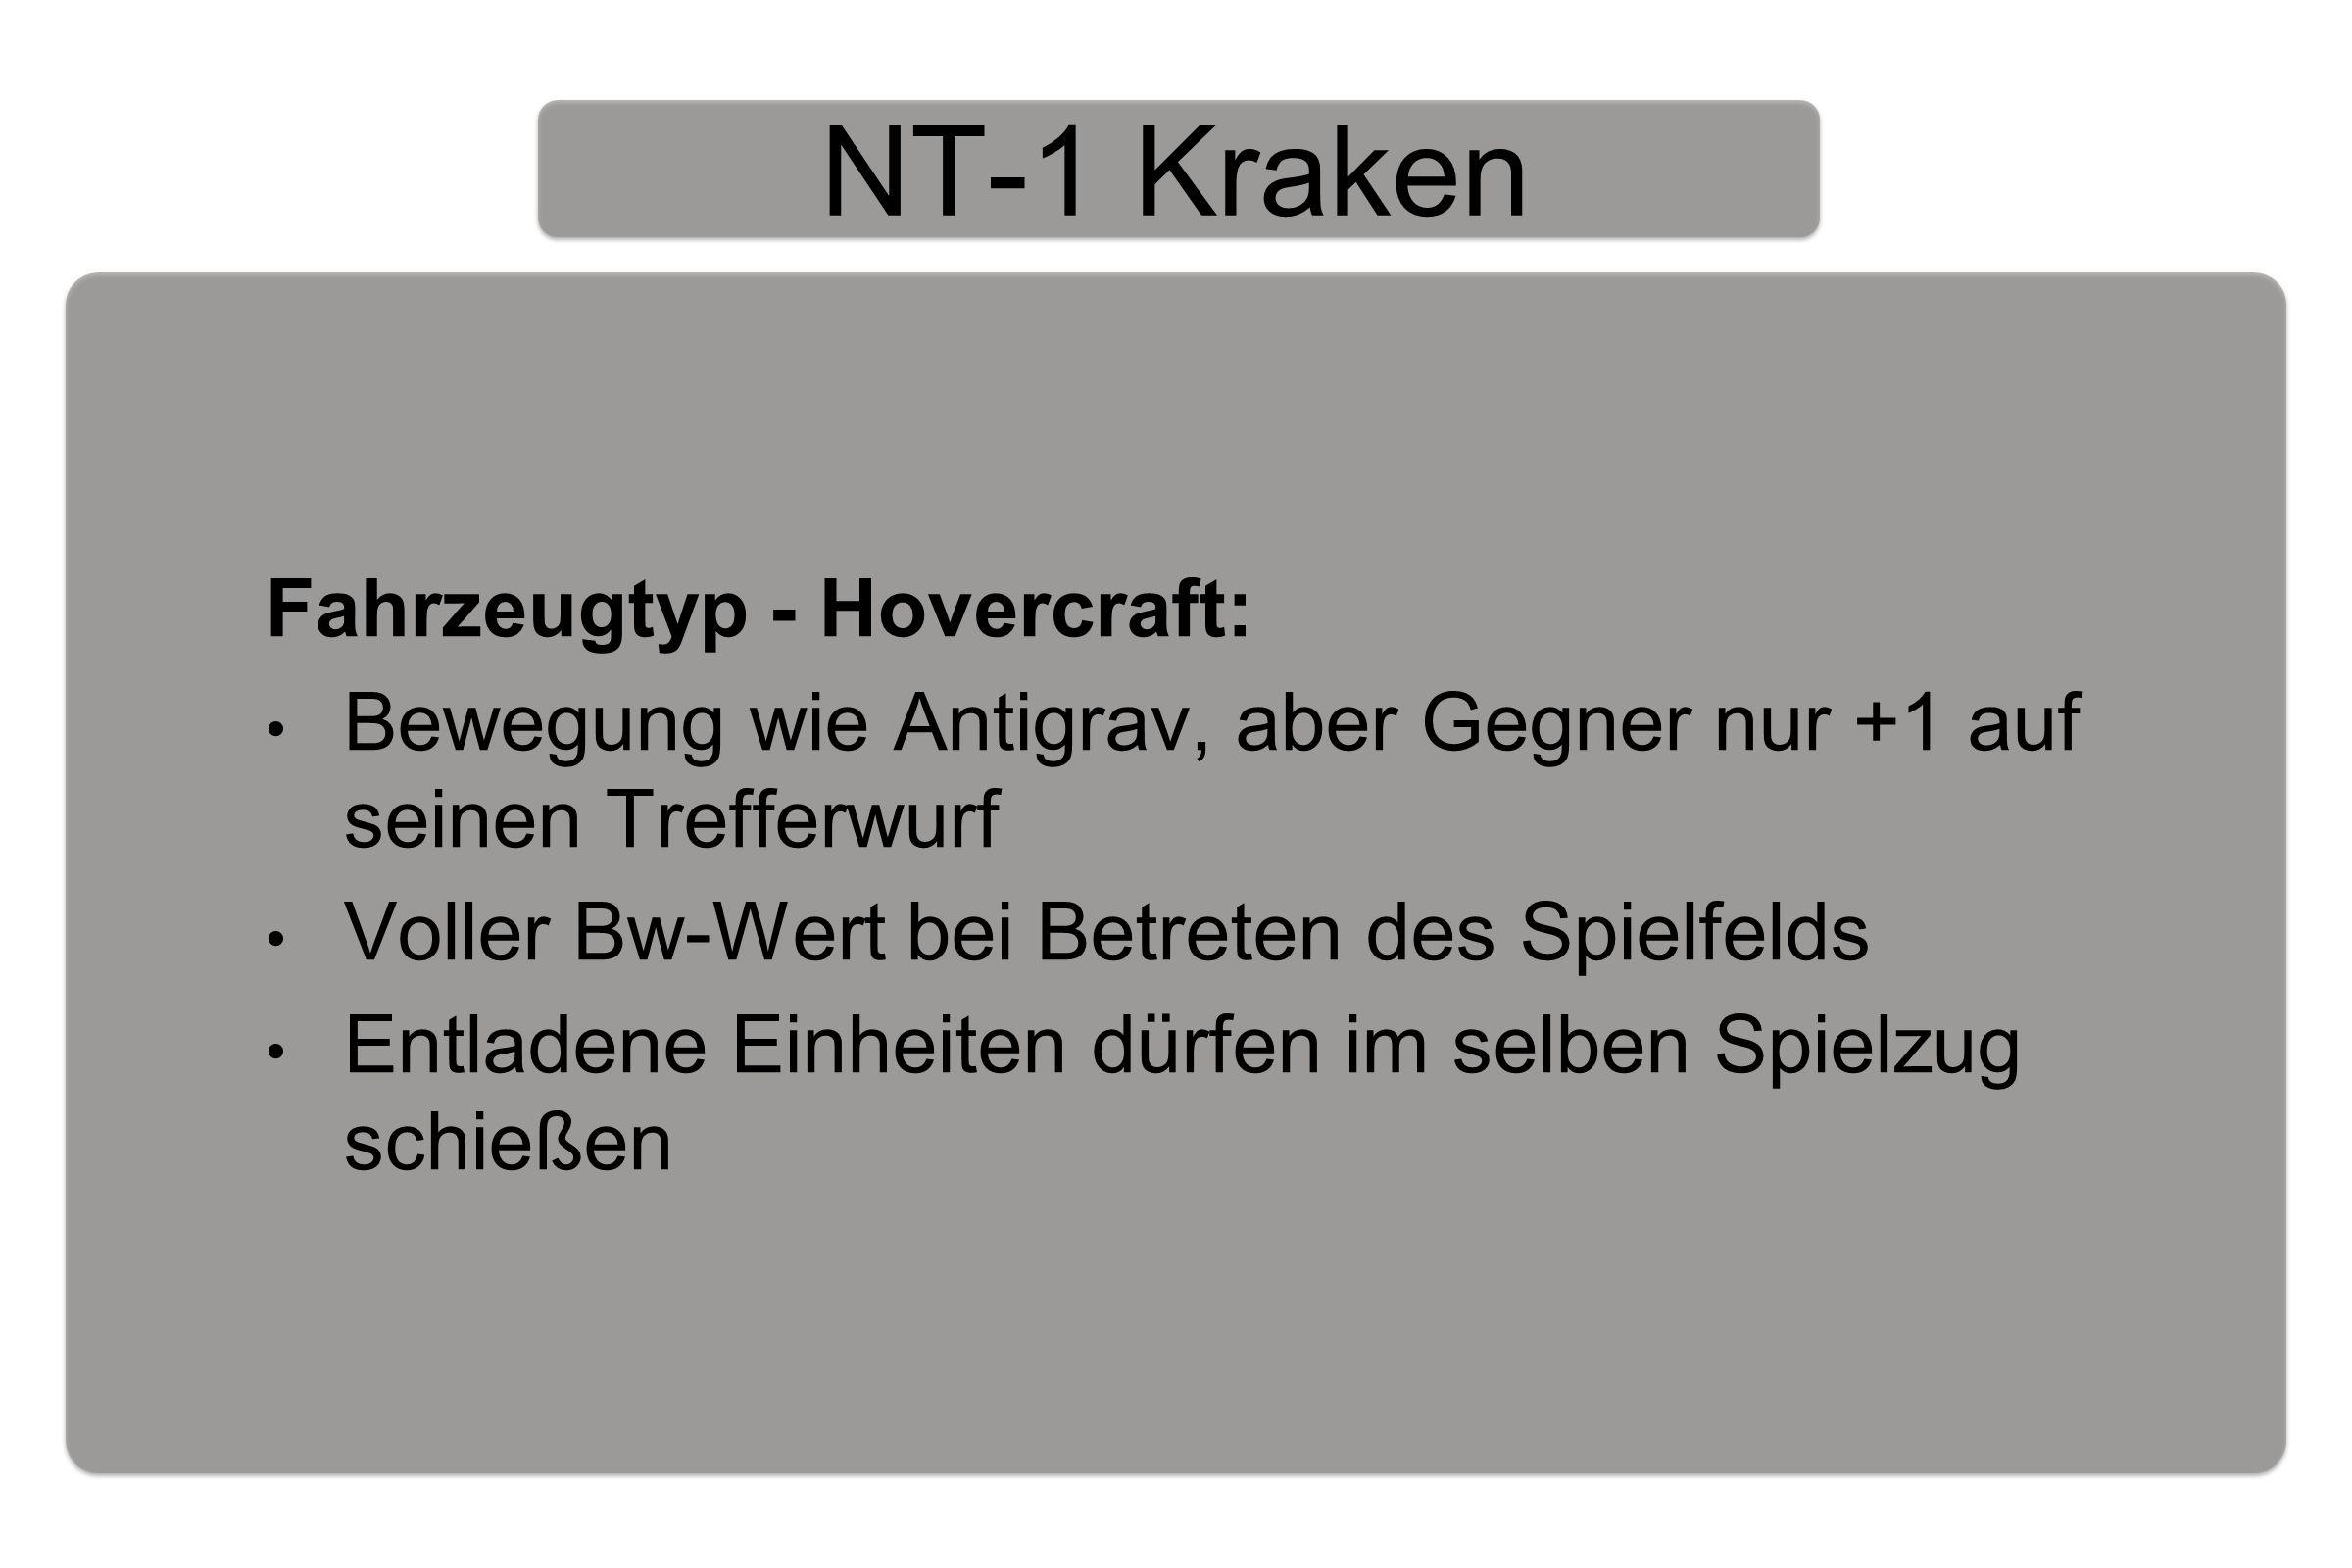 NT-1 Kraken Fahrzeugtyp - Hovercraft: Bewegung wie Antigrav, aber Gegner nur +1 auf seinen Trefferwurf Voller Bw-Wert bei Betreten des Spielfelds Entladene Einheiten dürfen im selben Spielzug schießen